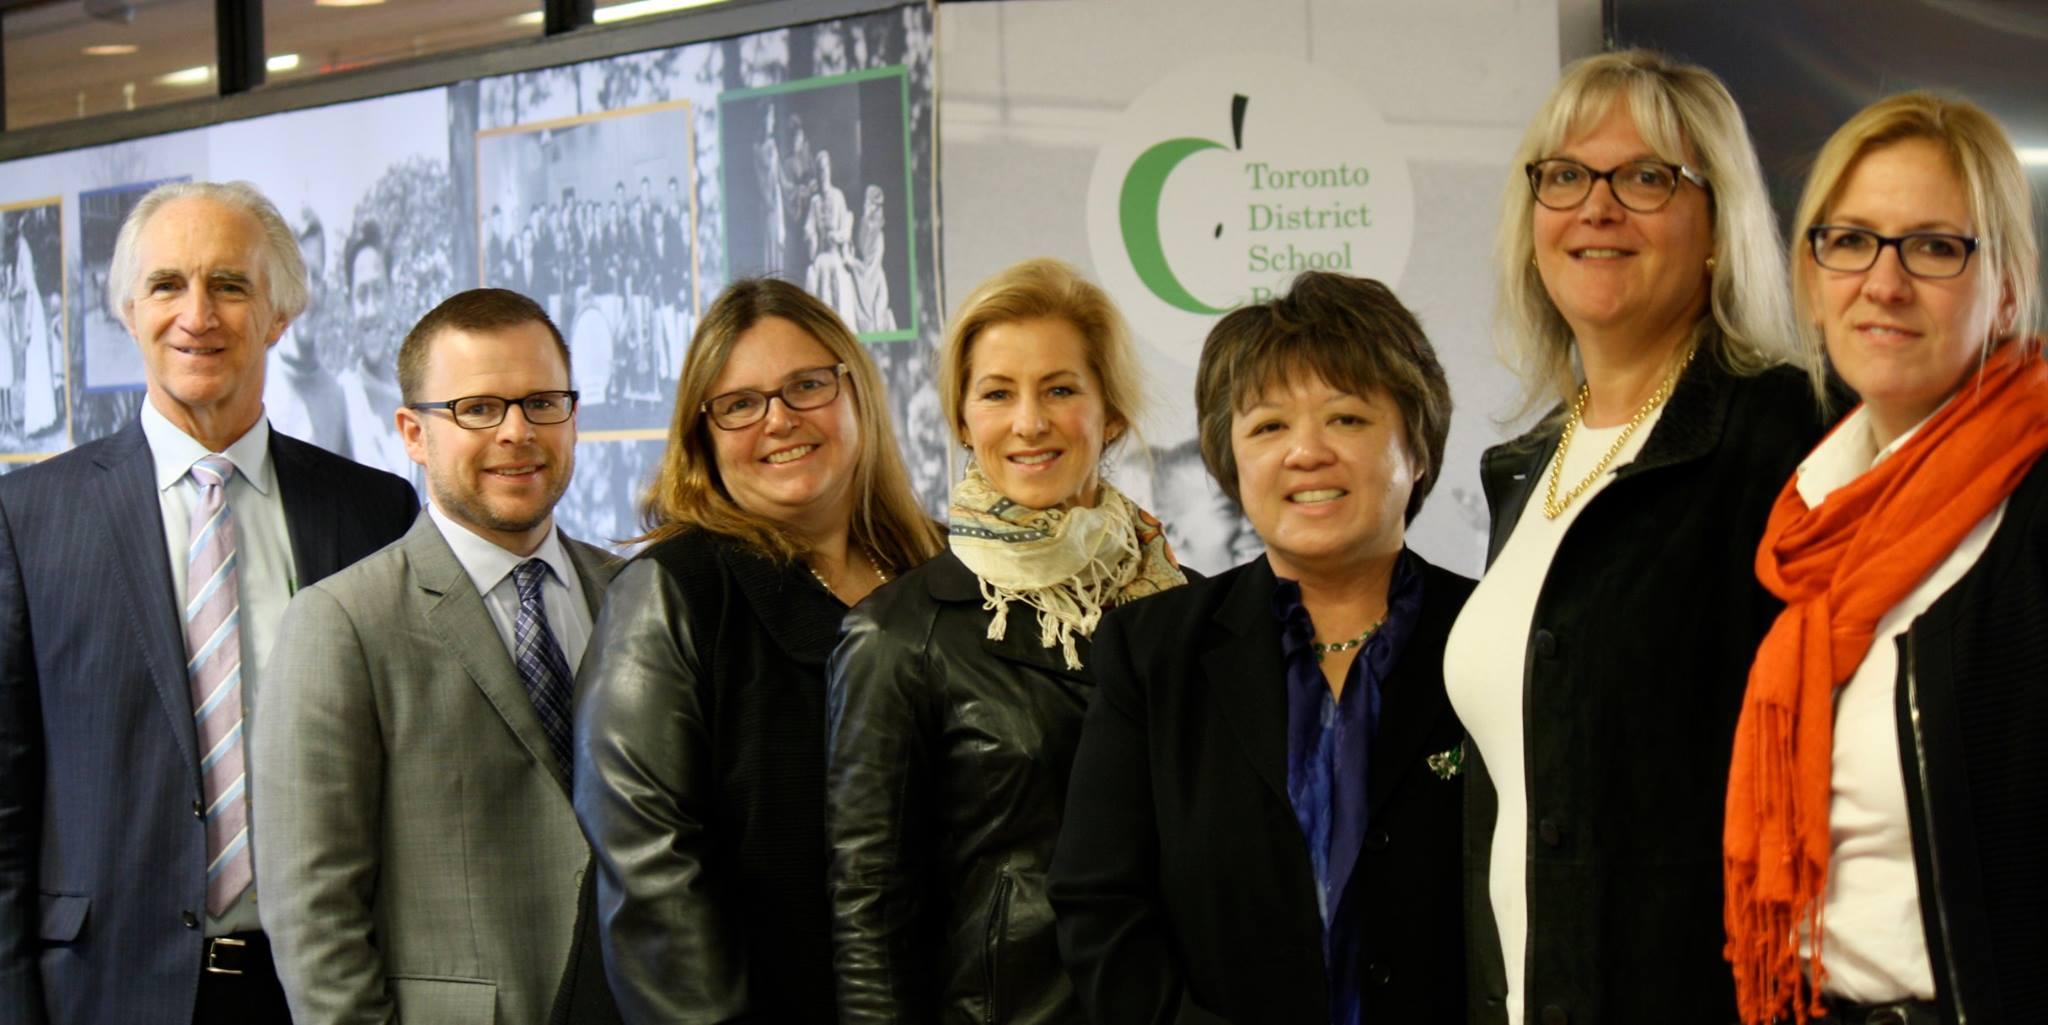 Image d'une rencontre entre l'Ombudsman de l'Ontario et le conseil scolaire de Toronto